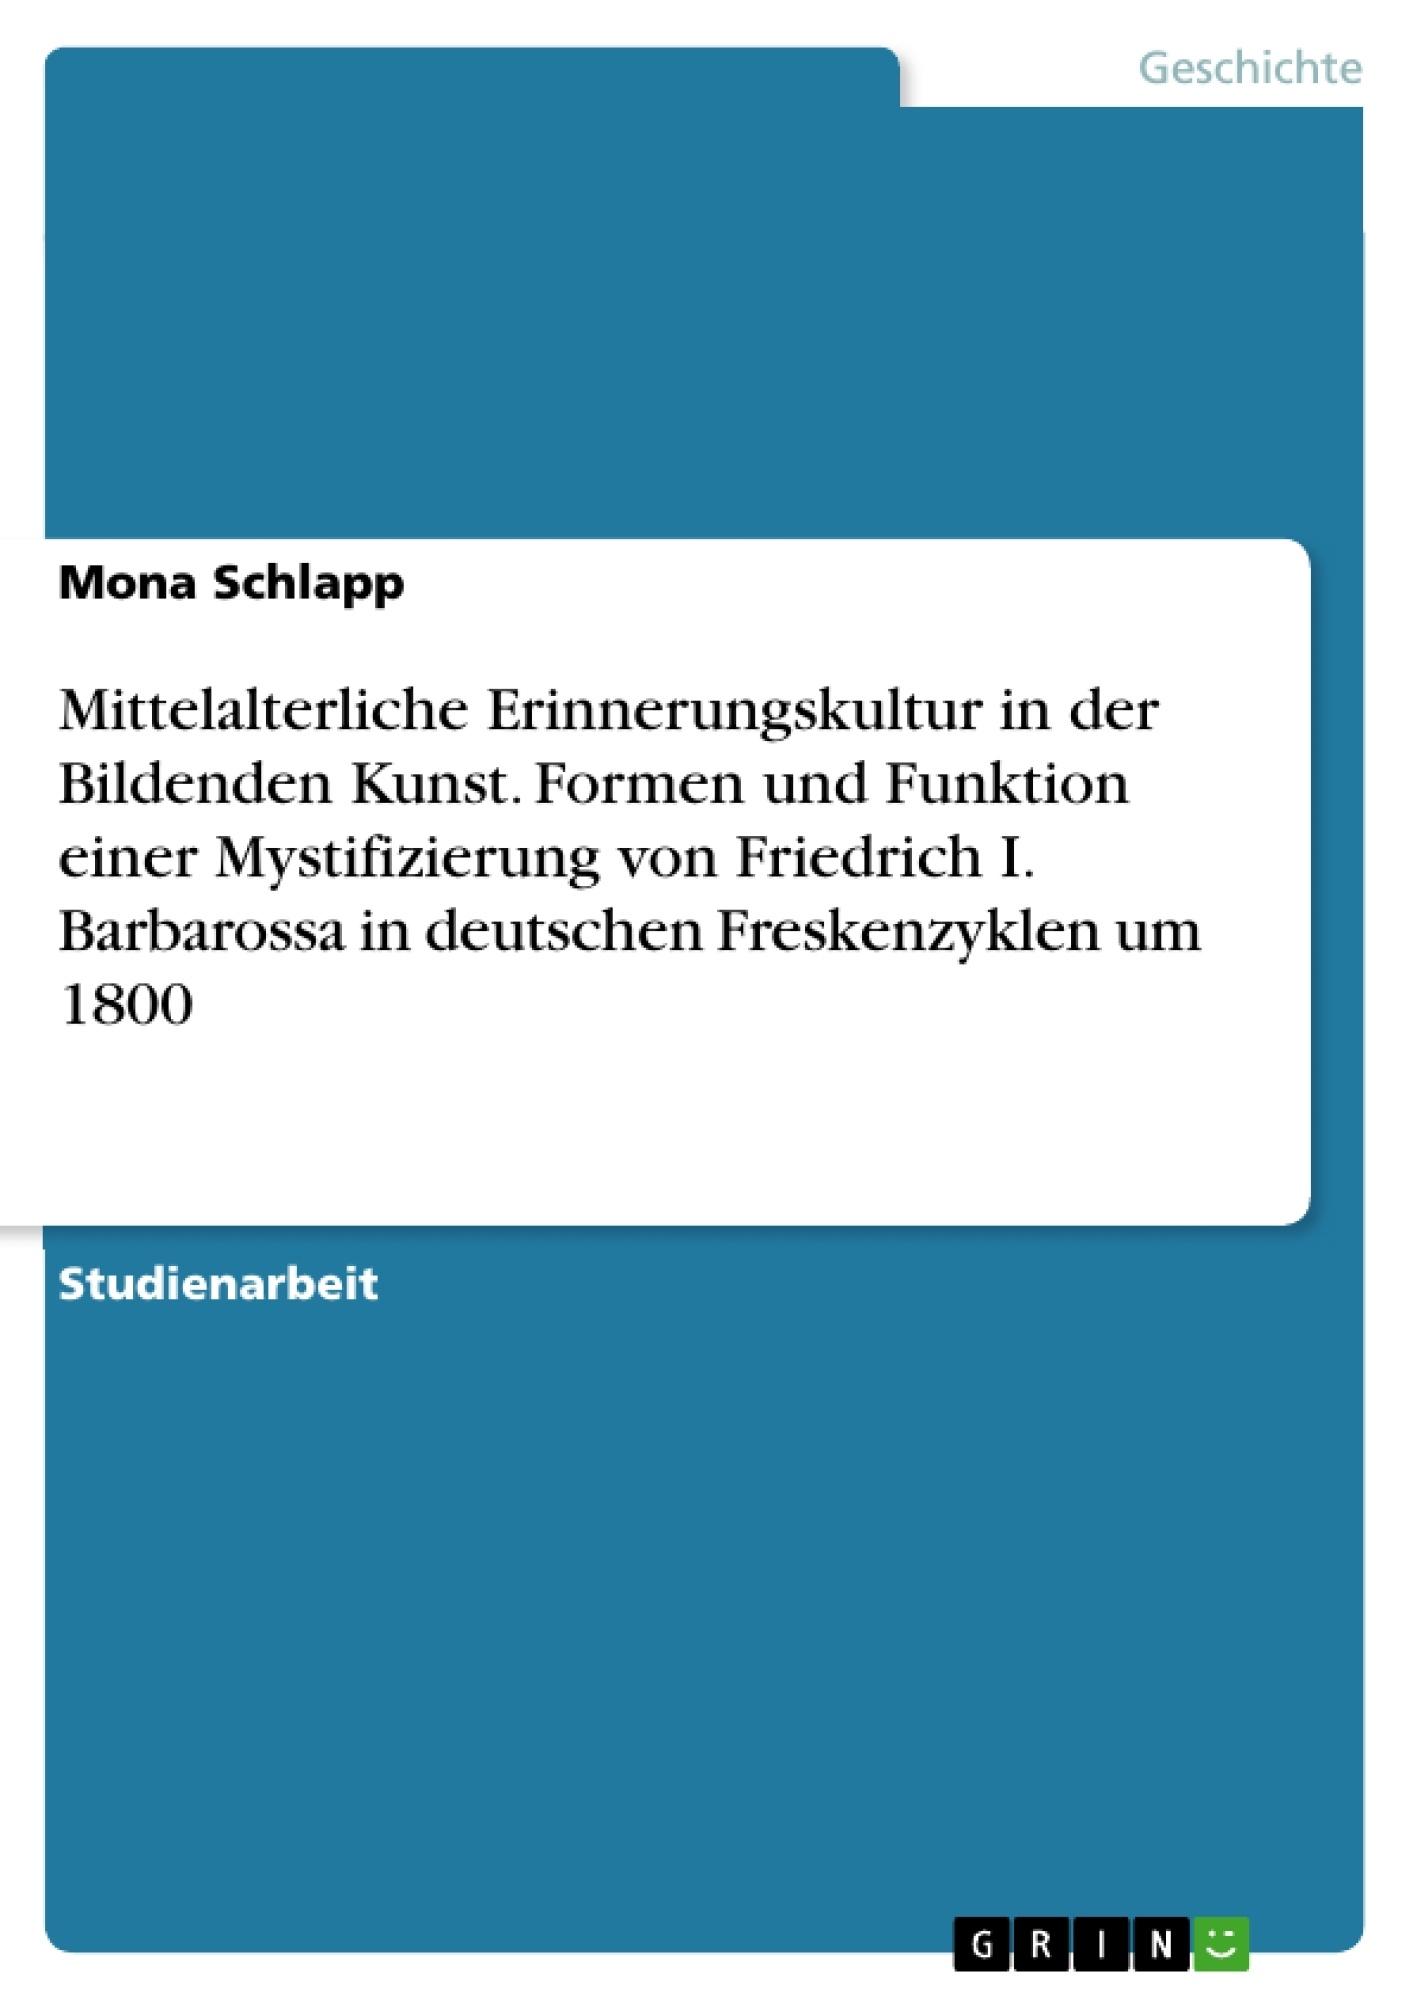 Titel: Mittelalterliche Erinnerungskultur in der Bildenden Kunst. Formen und Funktion einer Mystifizierung von Friedrich I. Barbarossa in deutschen Freskenzyklen um 1800